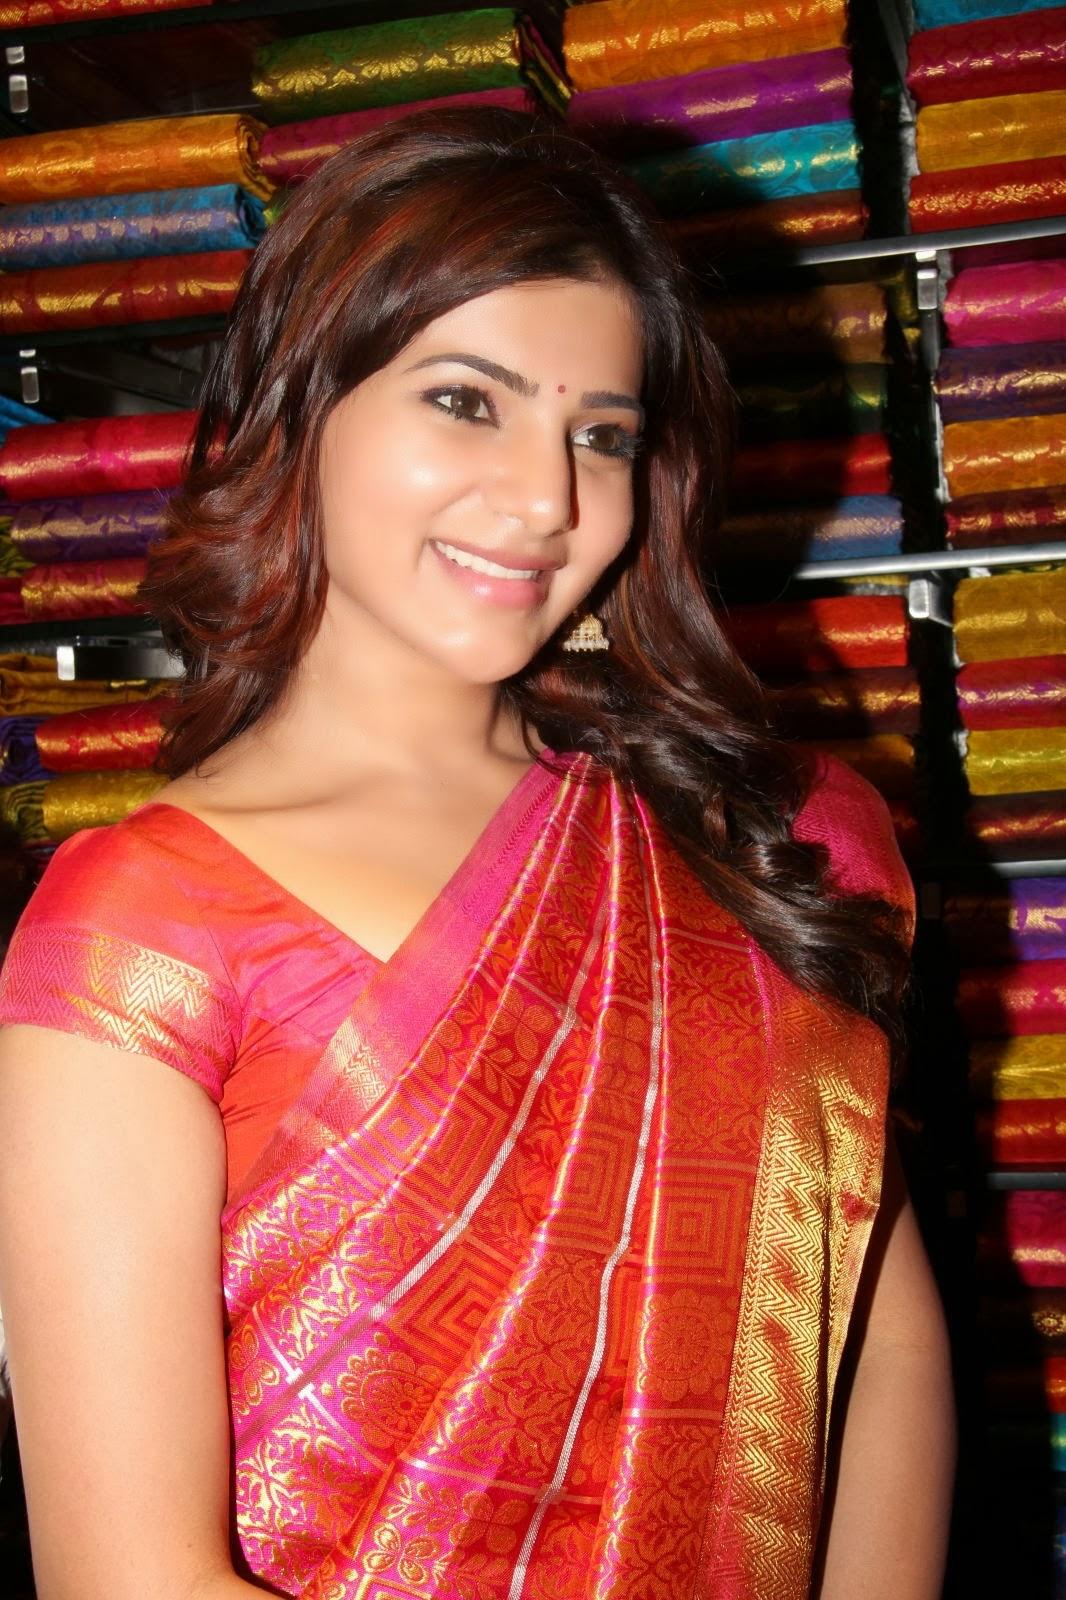 Samantha In Saree: Samantha Latest Pics In Saree